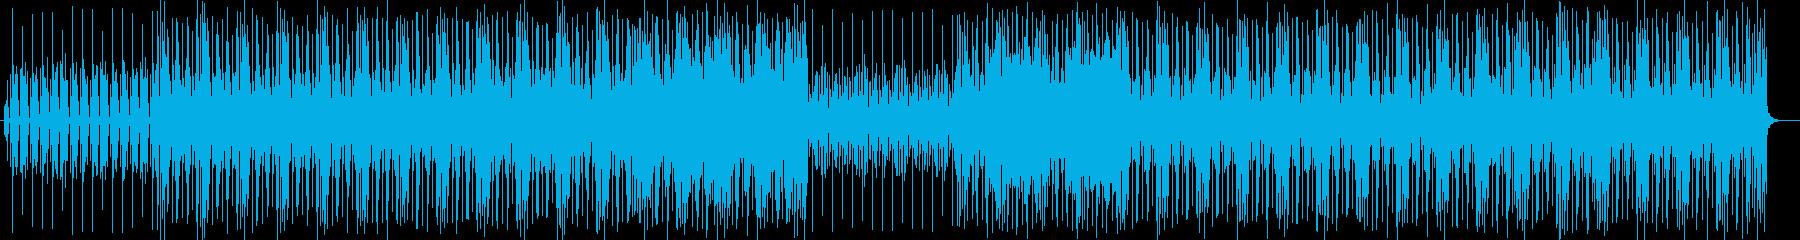 リズミカルでダンディーなジャズ系サウンドの再生済みの波形